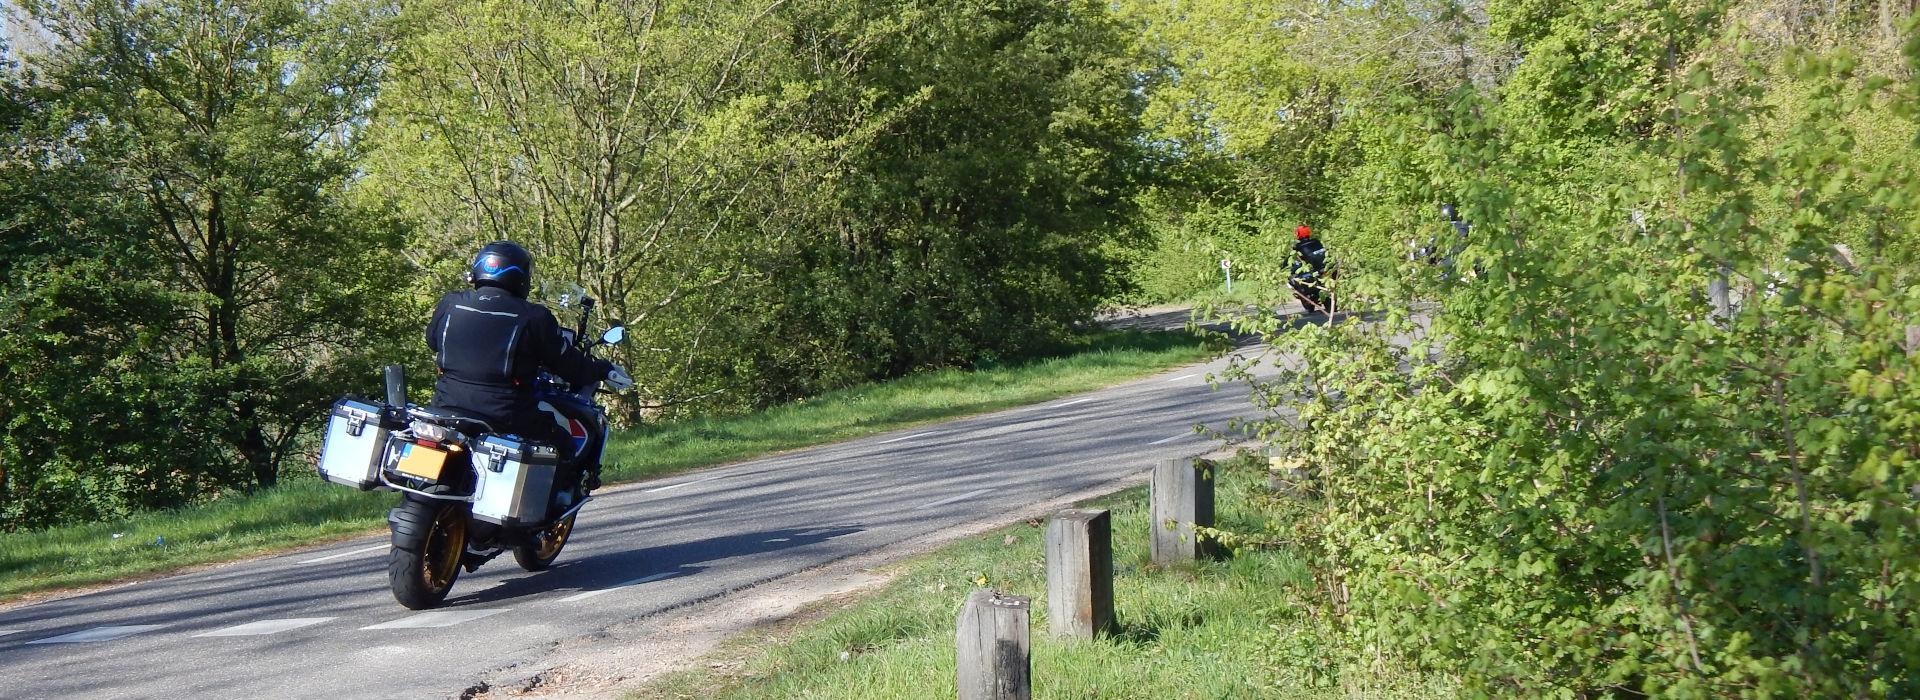 Motorrijschool Motorrijbewijspoint Roelofarendsveen motorrijlessen